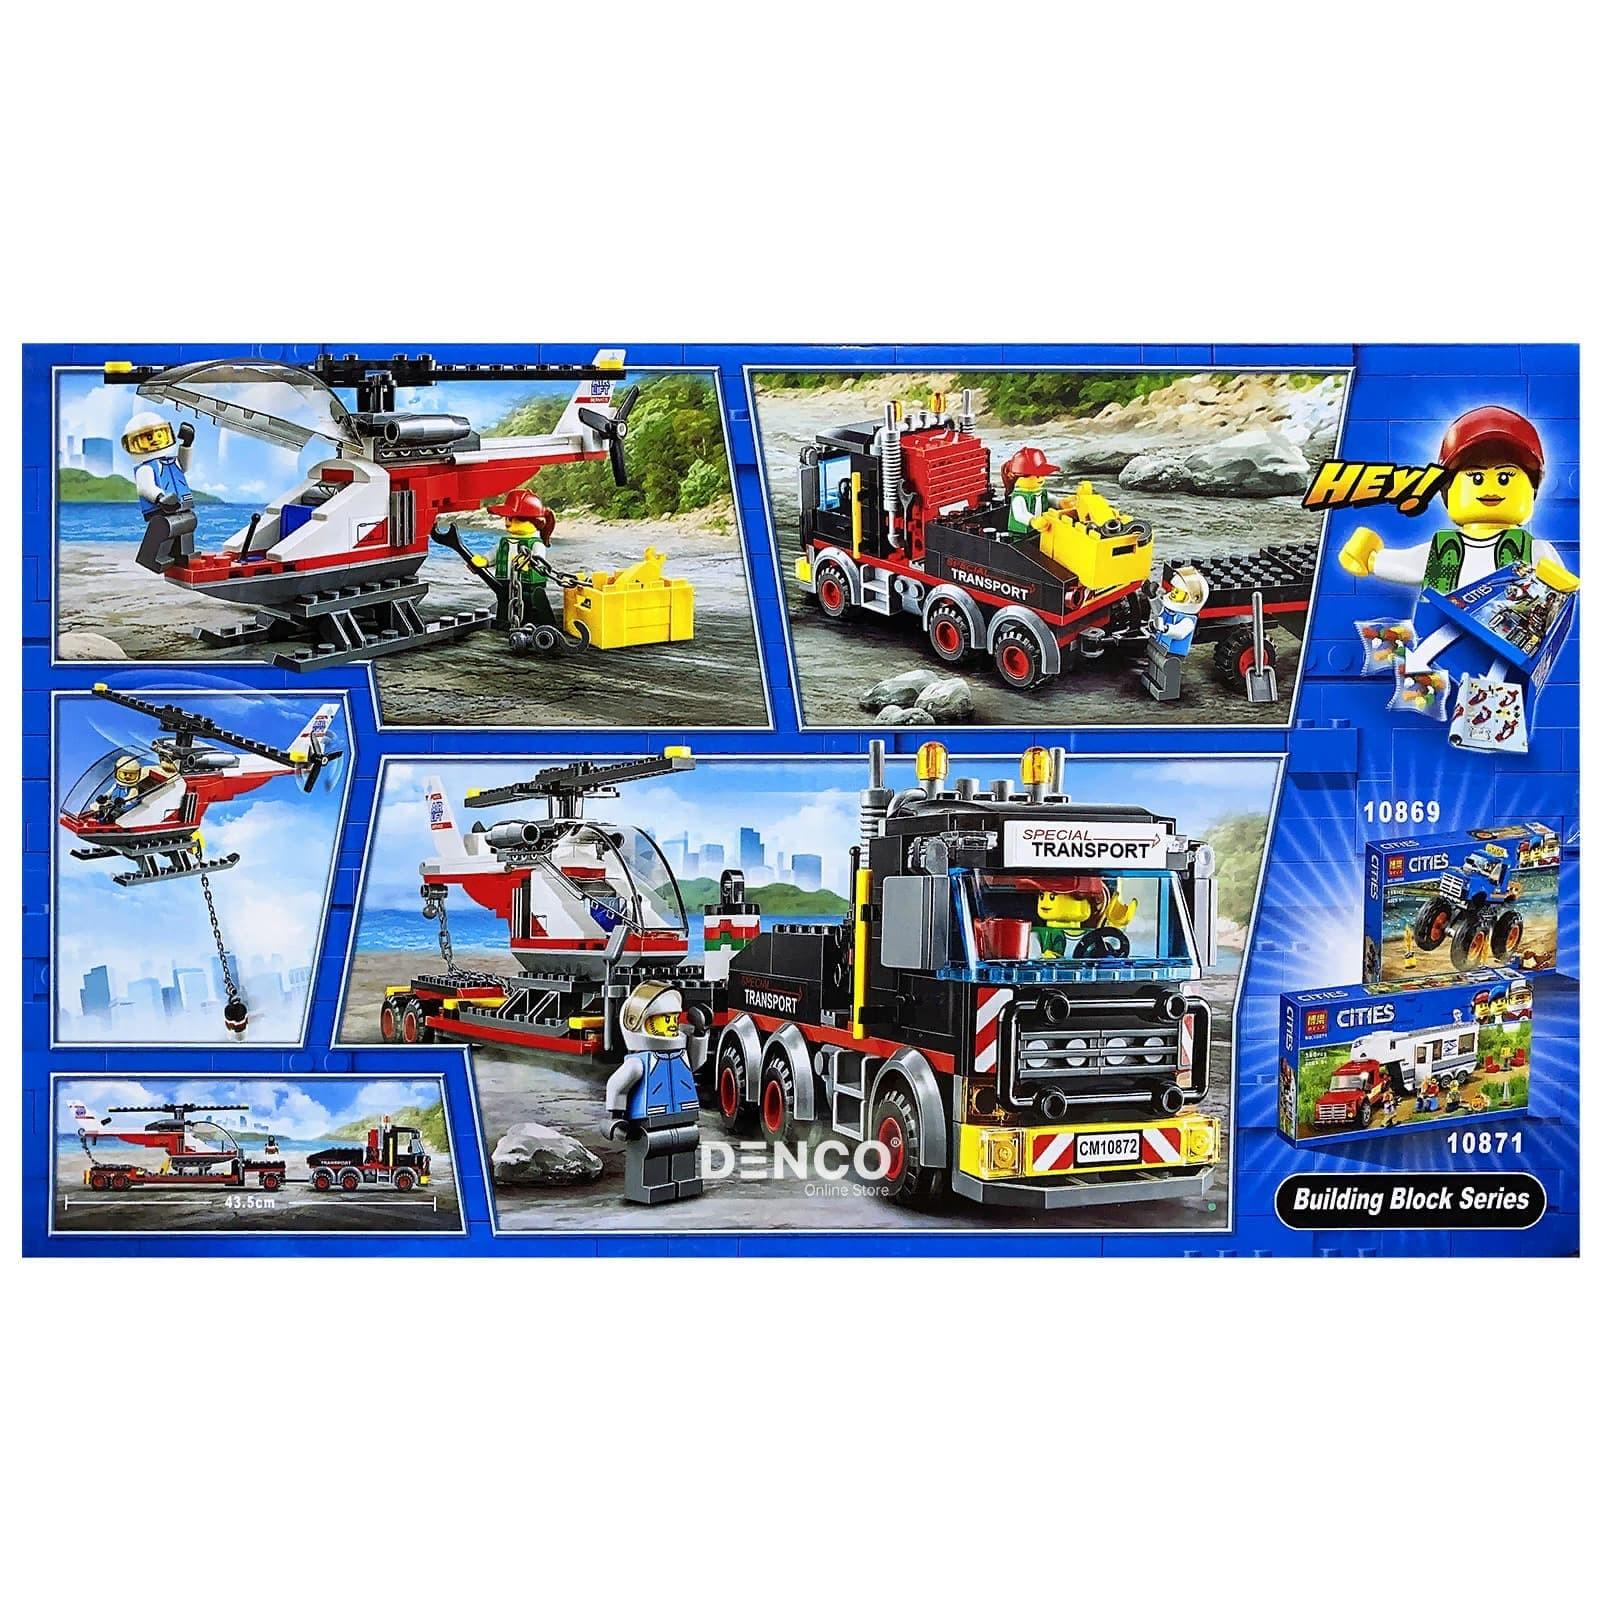 Конструктор Bl «Перевозчик вертолета» 10872 (City 60183) 322 детали